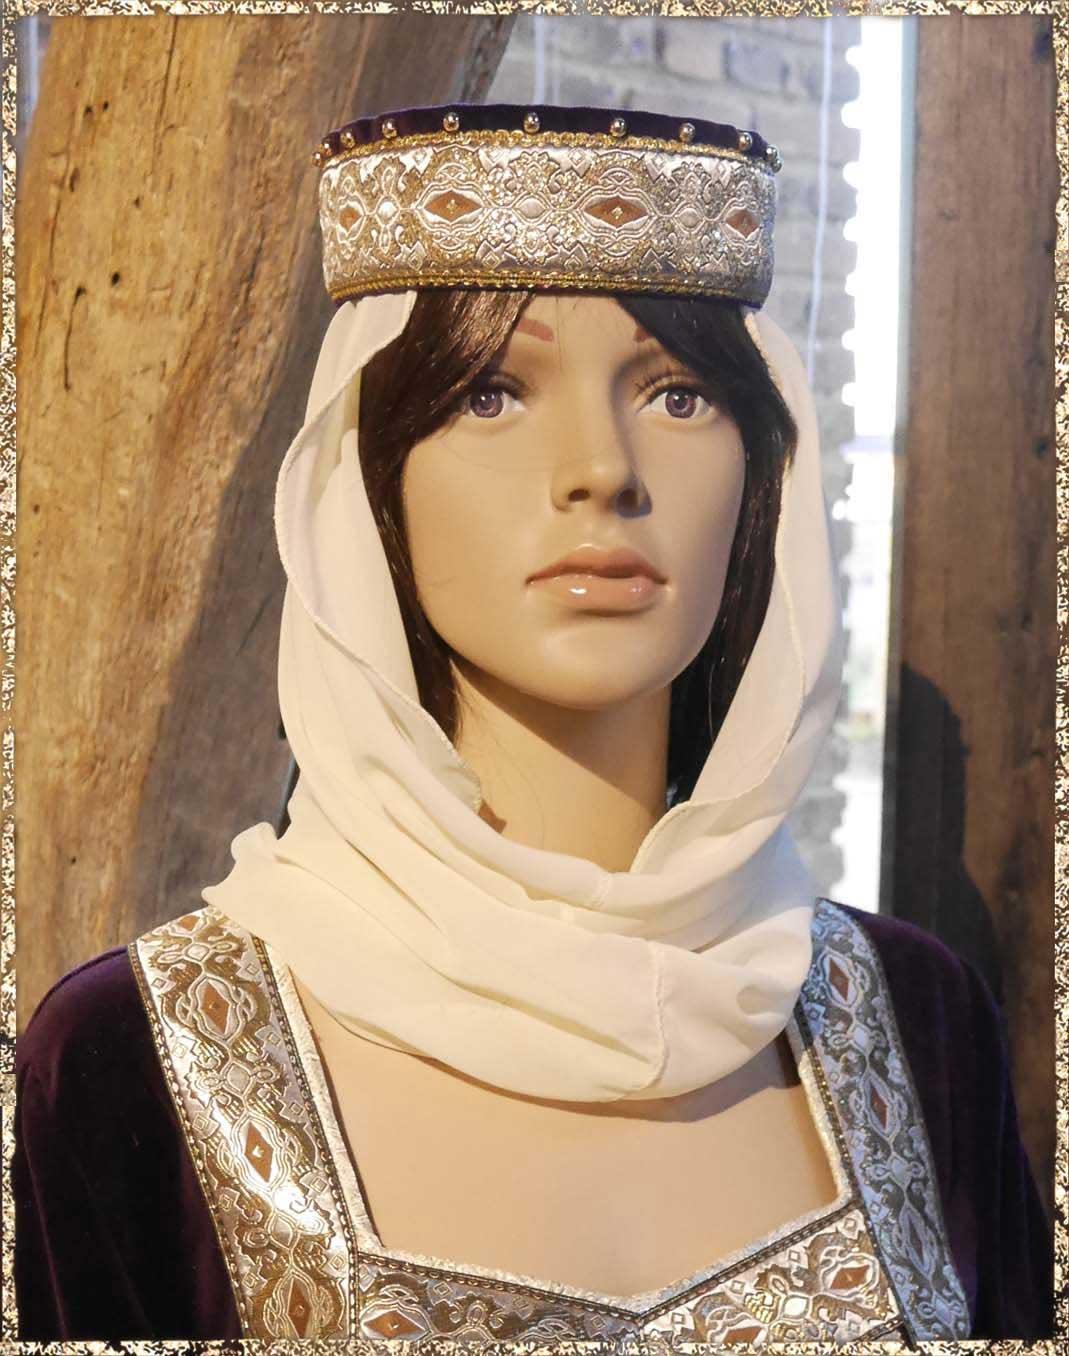 Abstand wählen besser starke verpackung Kopfbedeckung | Die Gewandschneider von Avalon - Schneiderei ...